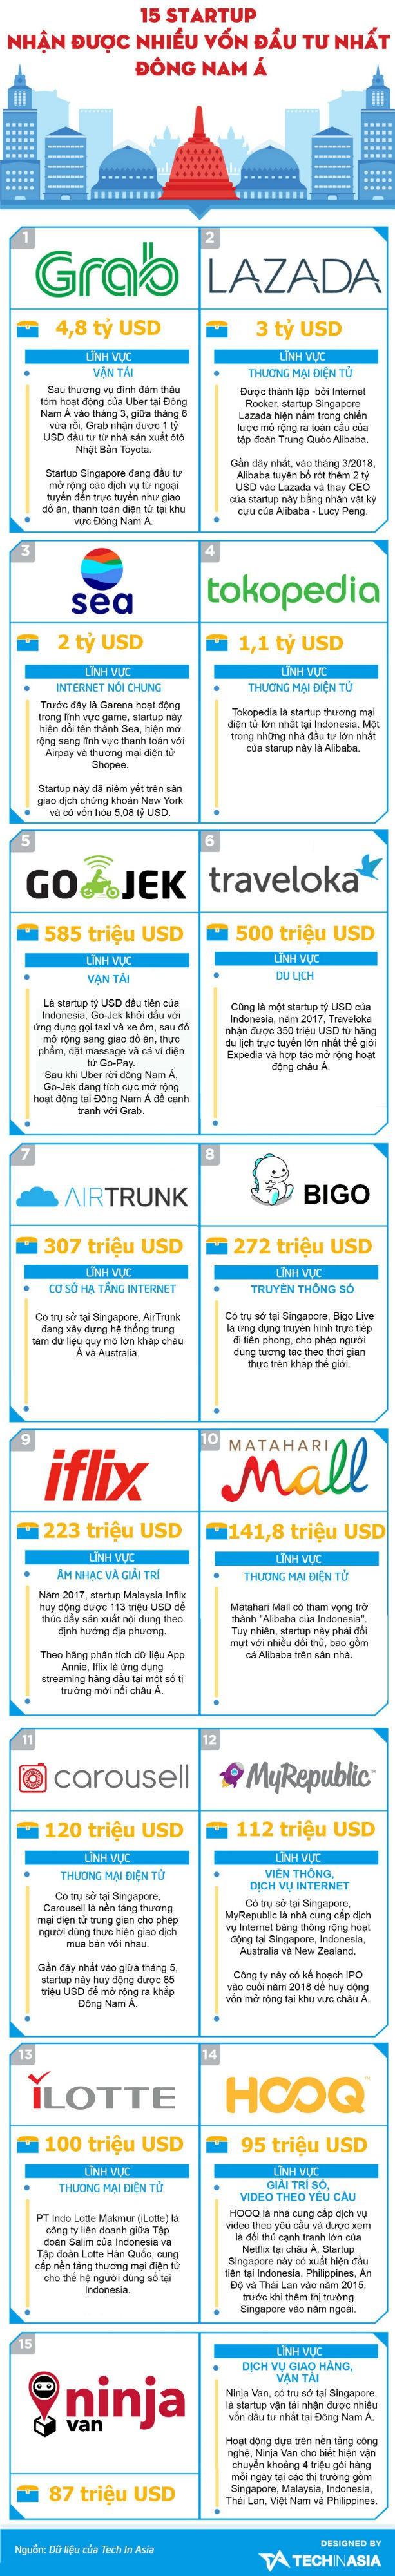 [Infographic] 15 startup được đầu tư nhiều nhất tại Đông Nam Á năm 2018 - Ảnh 1.